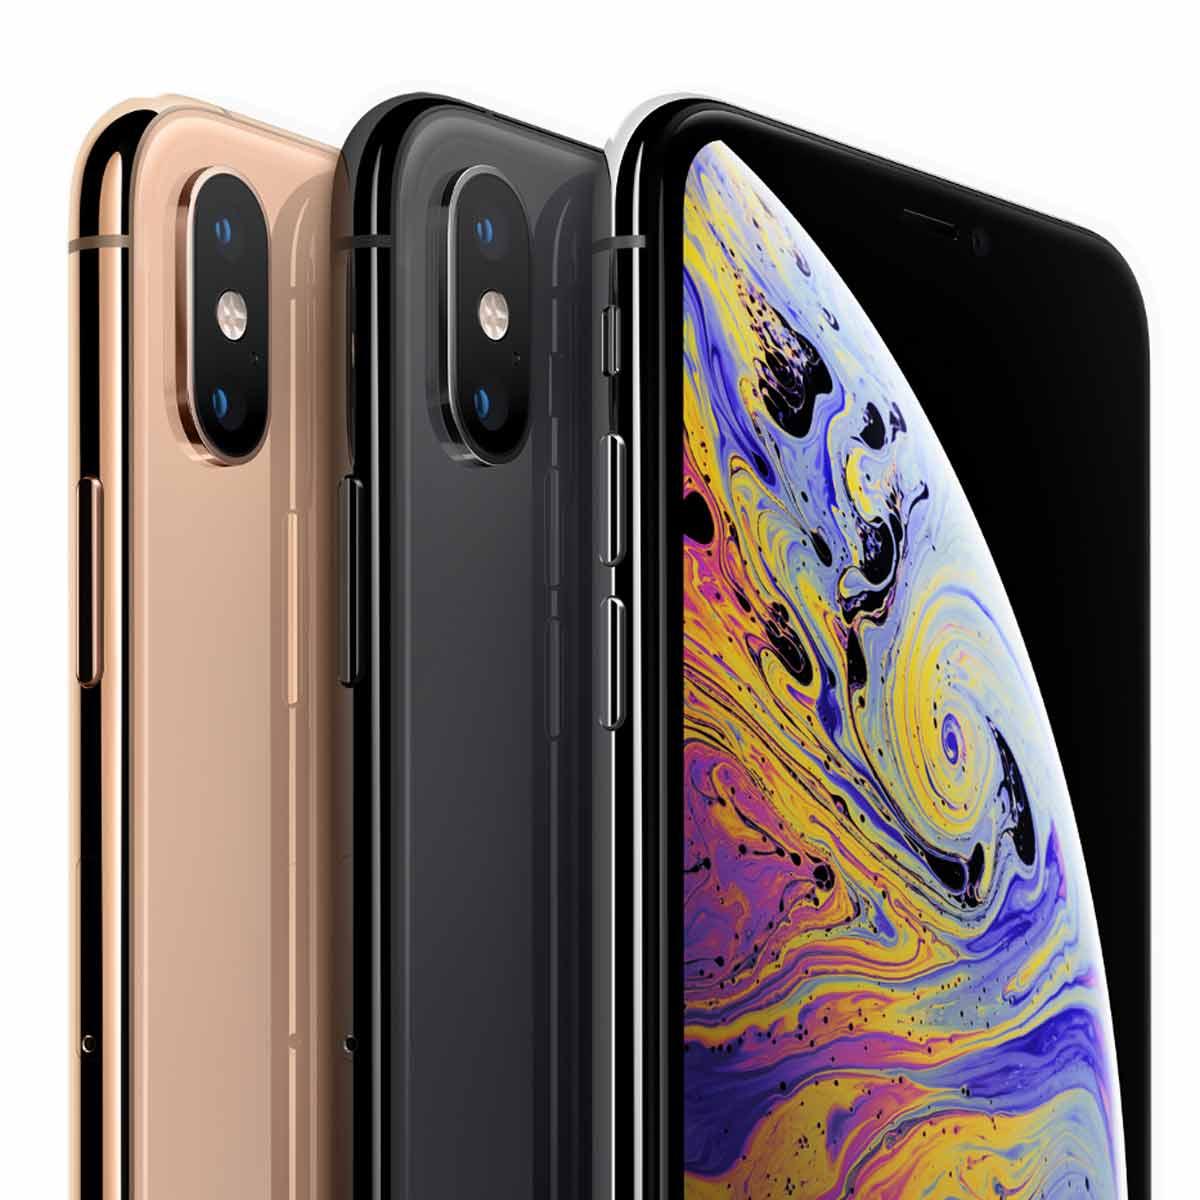 iPhone買うならどっちがお得? 大手キャリアの分離プラン vs. 格安SIM&SIMフリー版